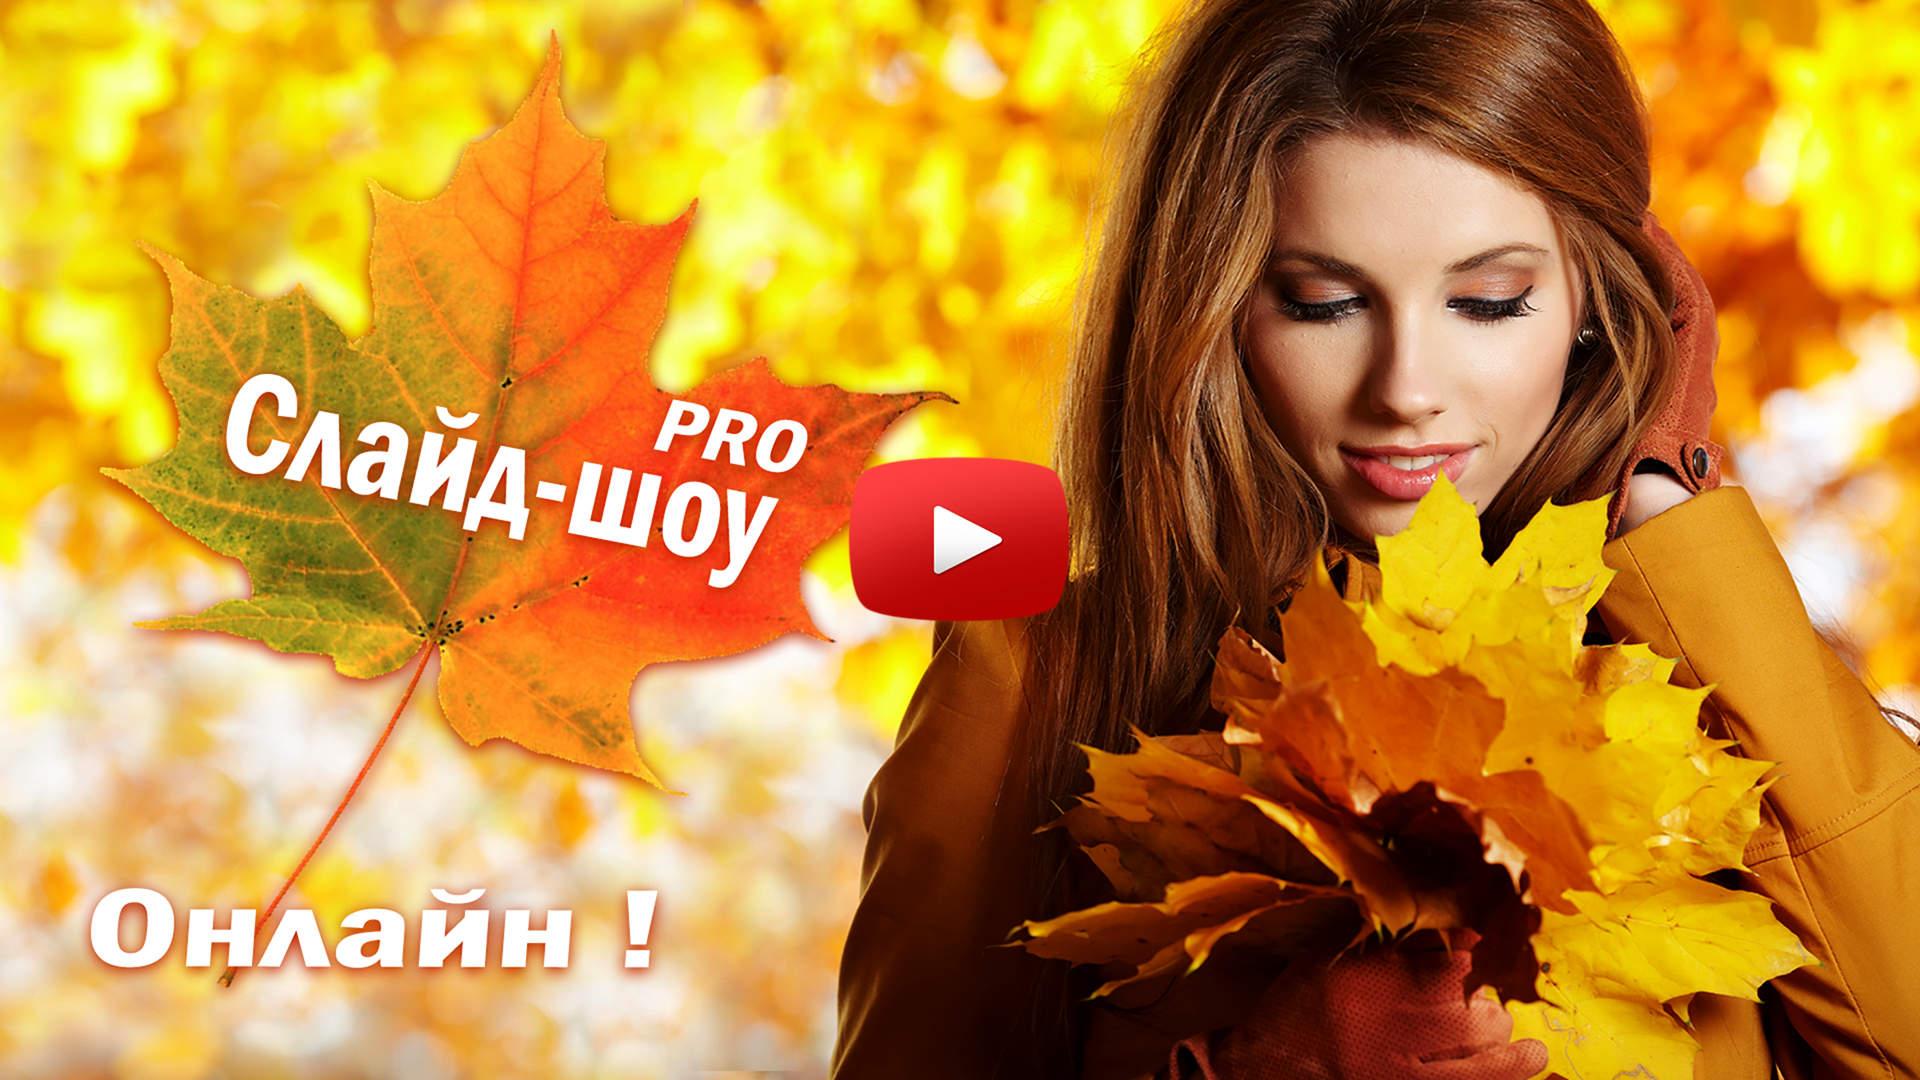 ФОТОКЛИП PRO - Осень!